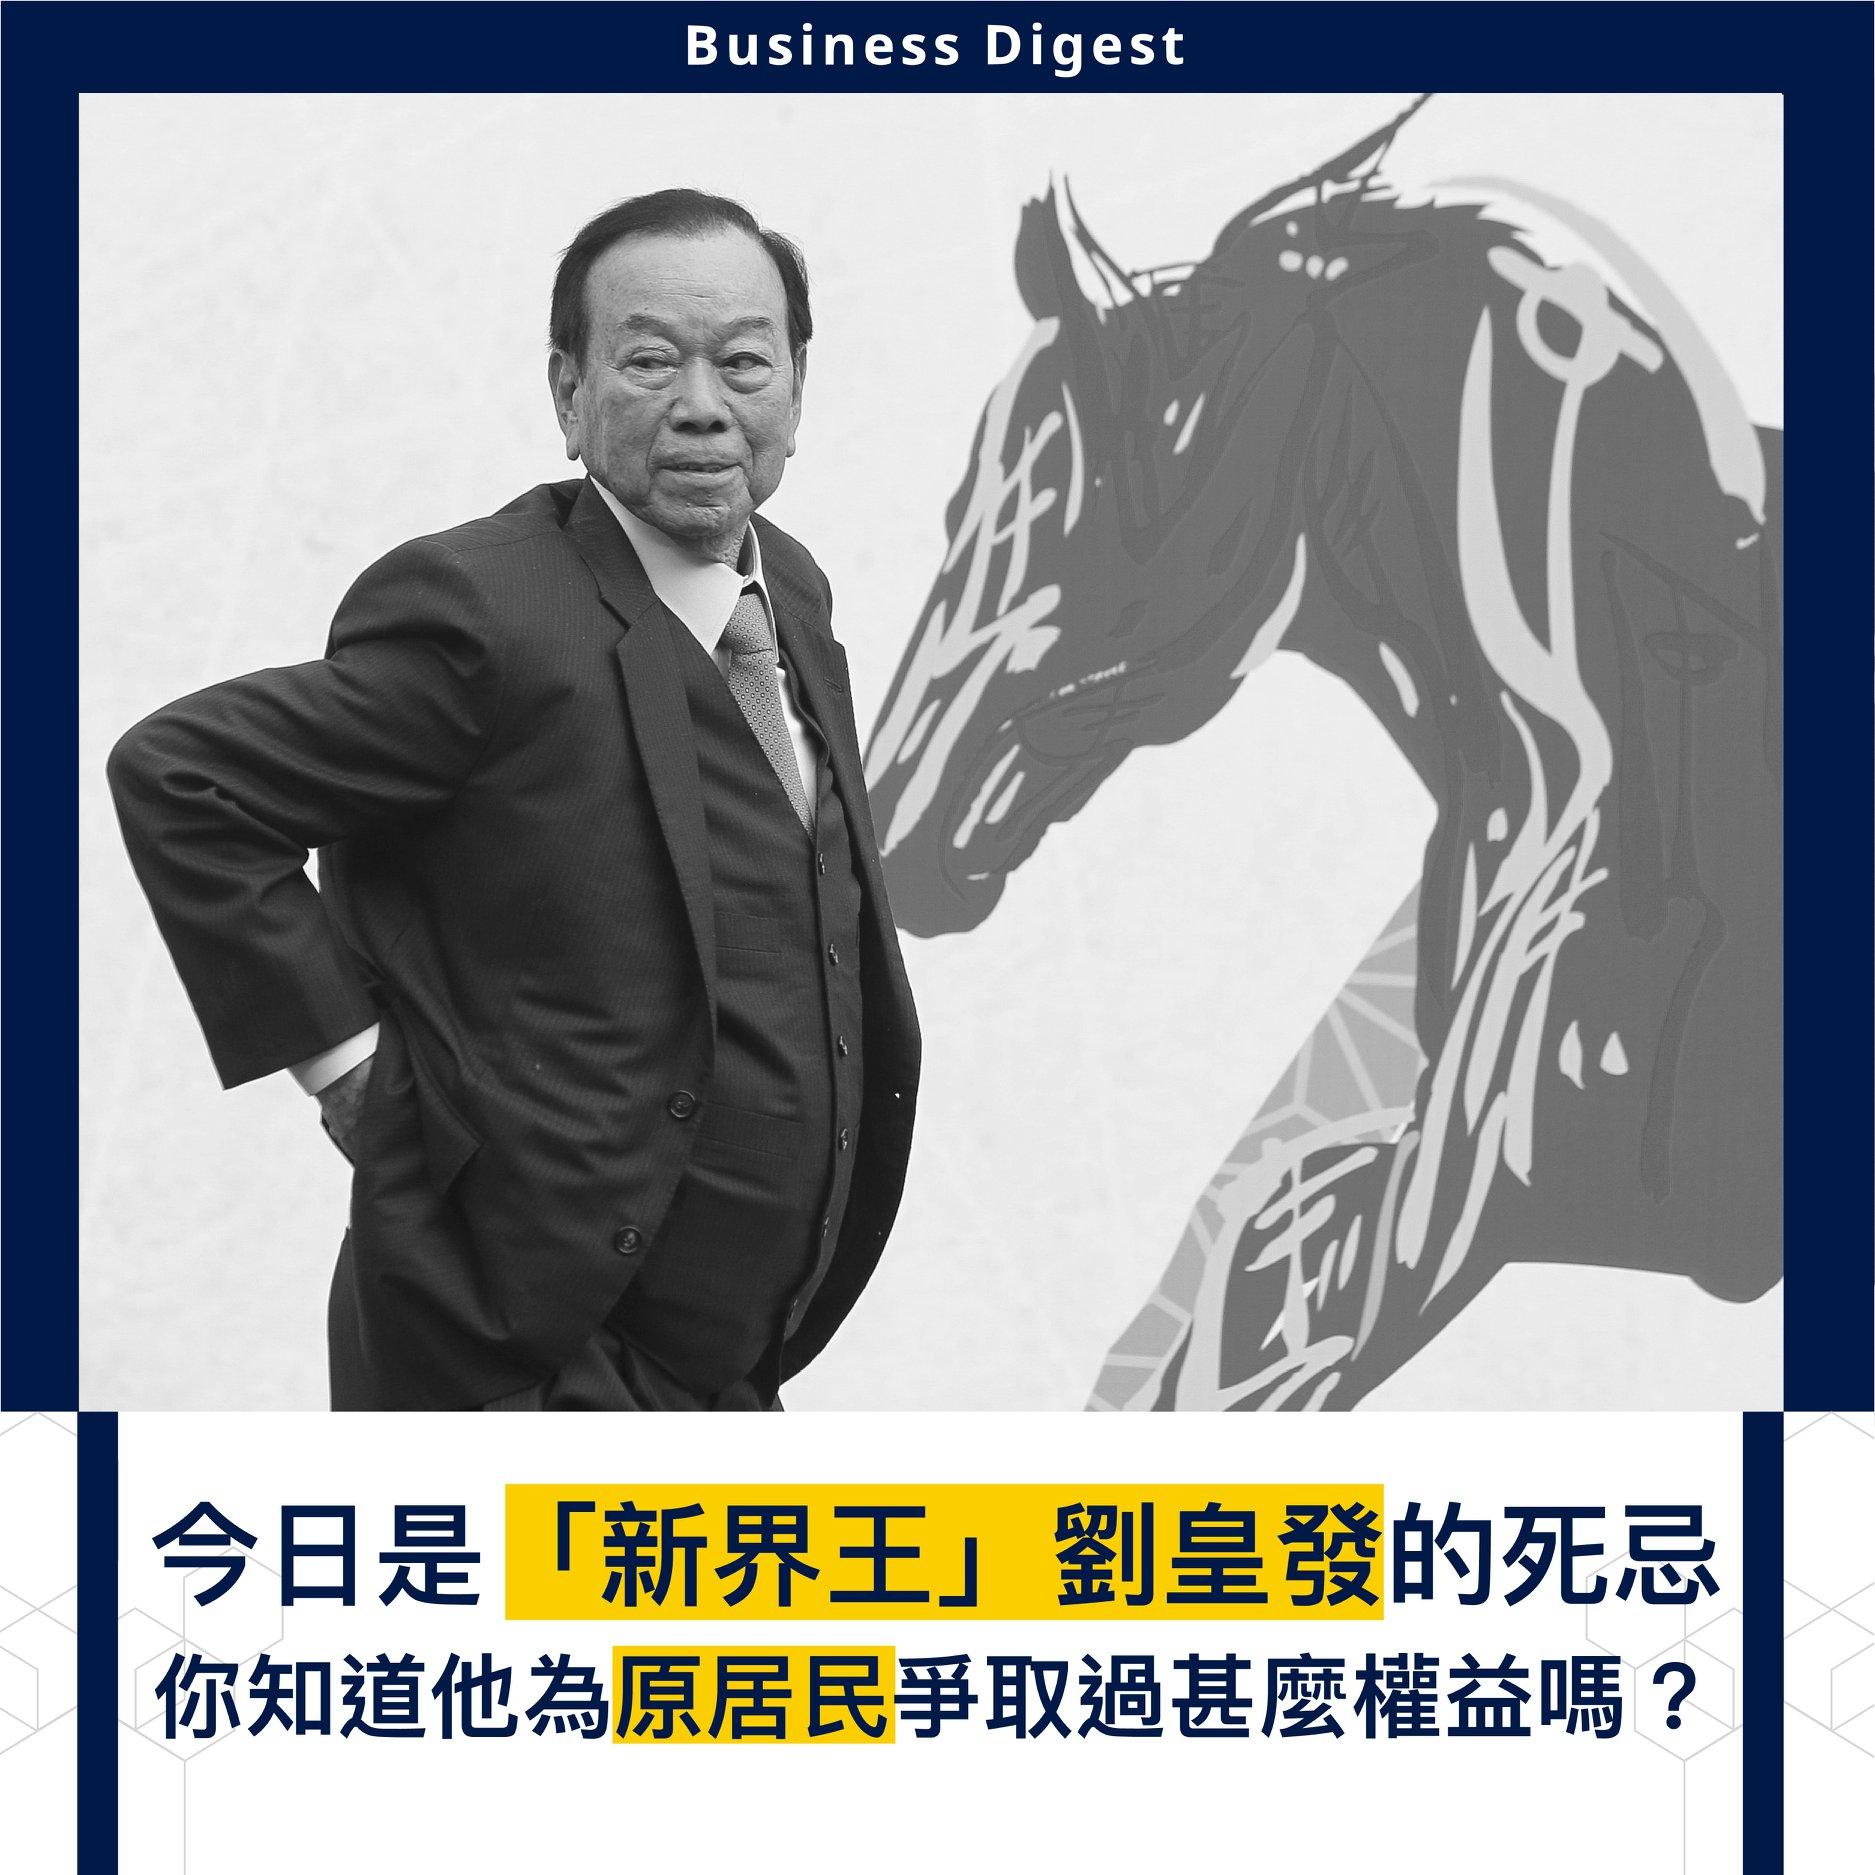 【商業熱話】今日是「新界王」劉皇發的死忌,你知道他為原居民爭取過甚麼權益嗎?